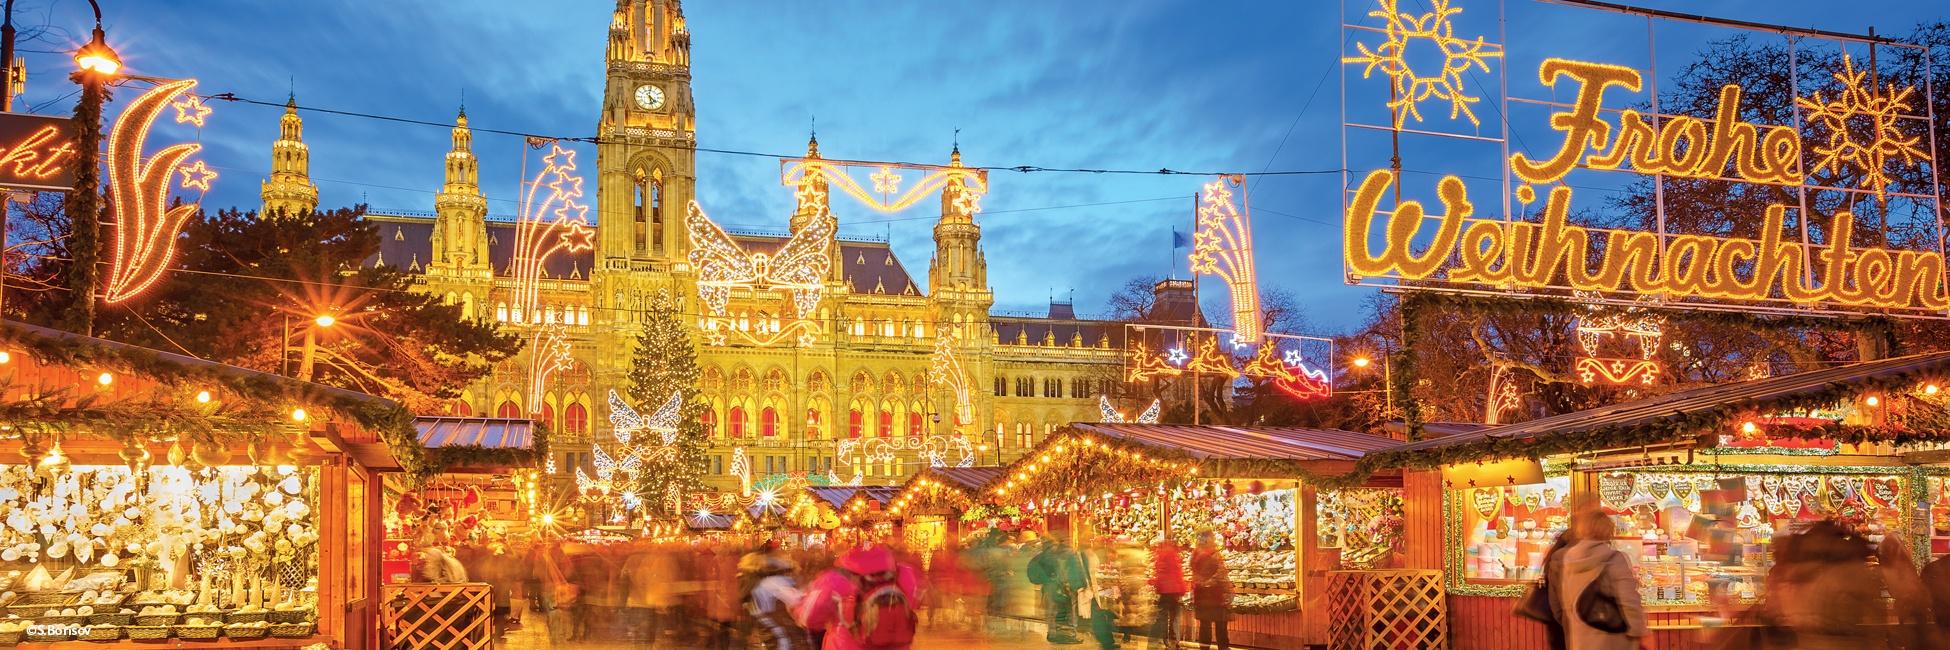 Marché de Noël de Vienne, Autriche